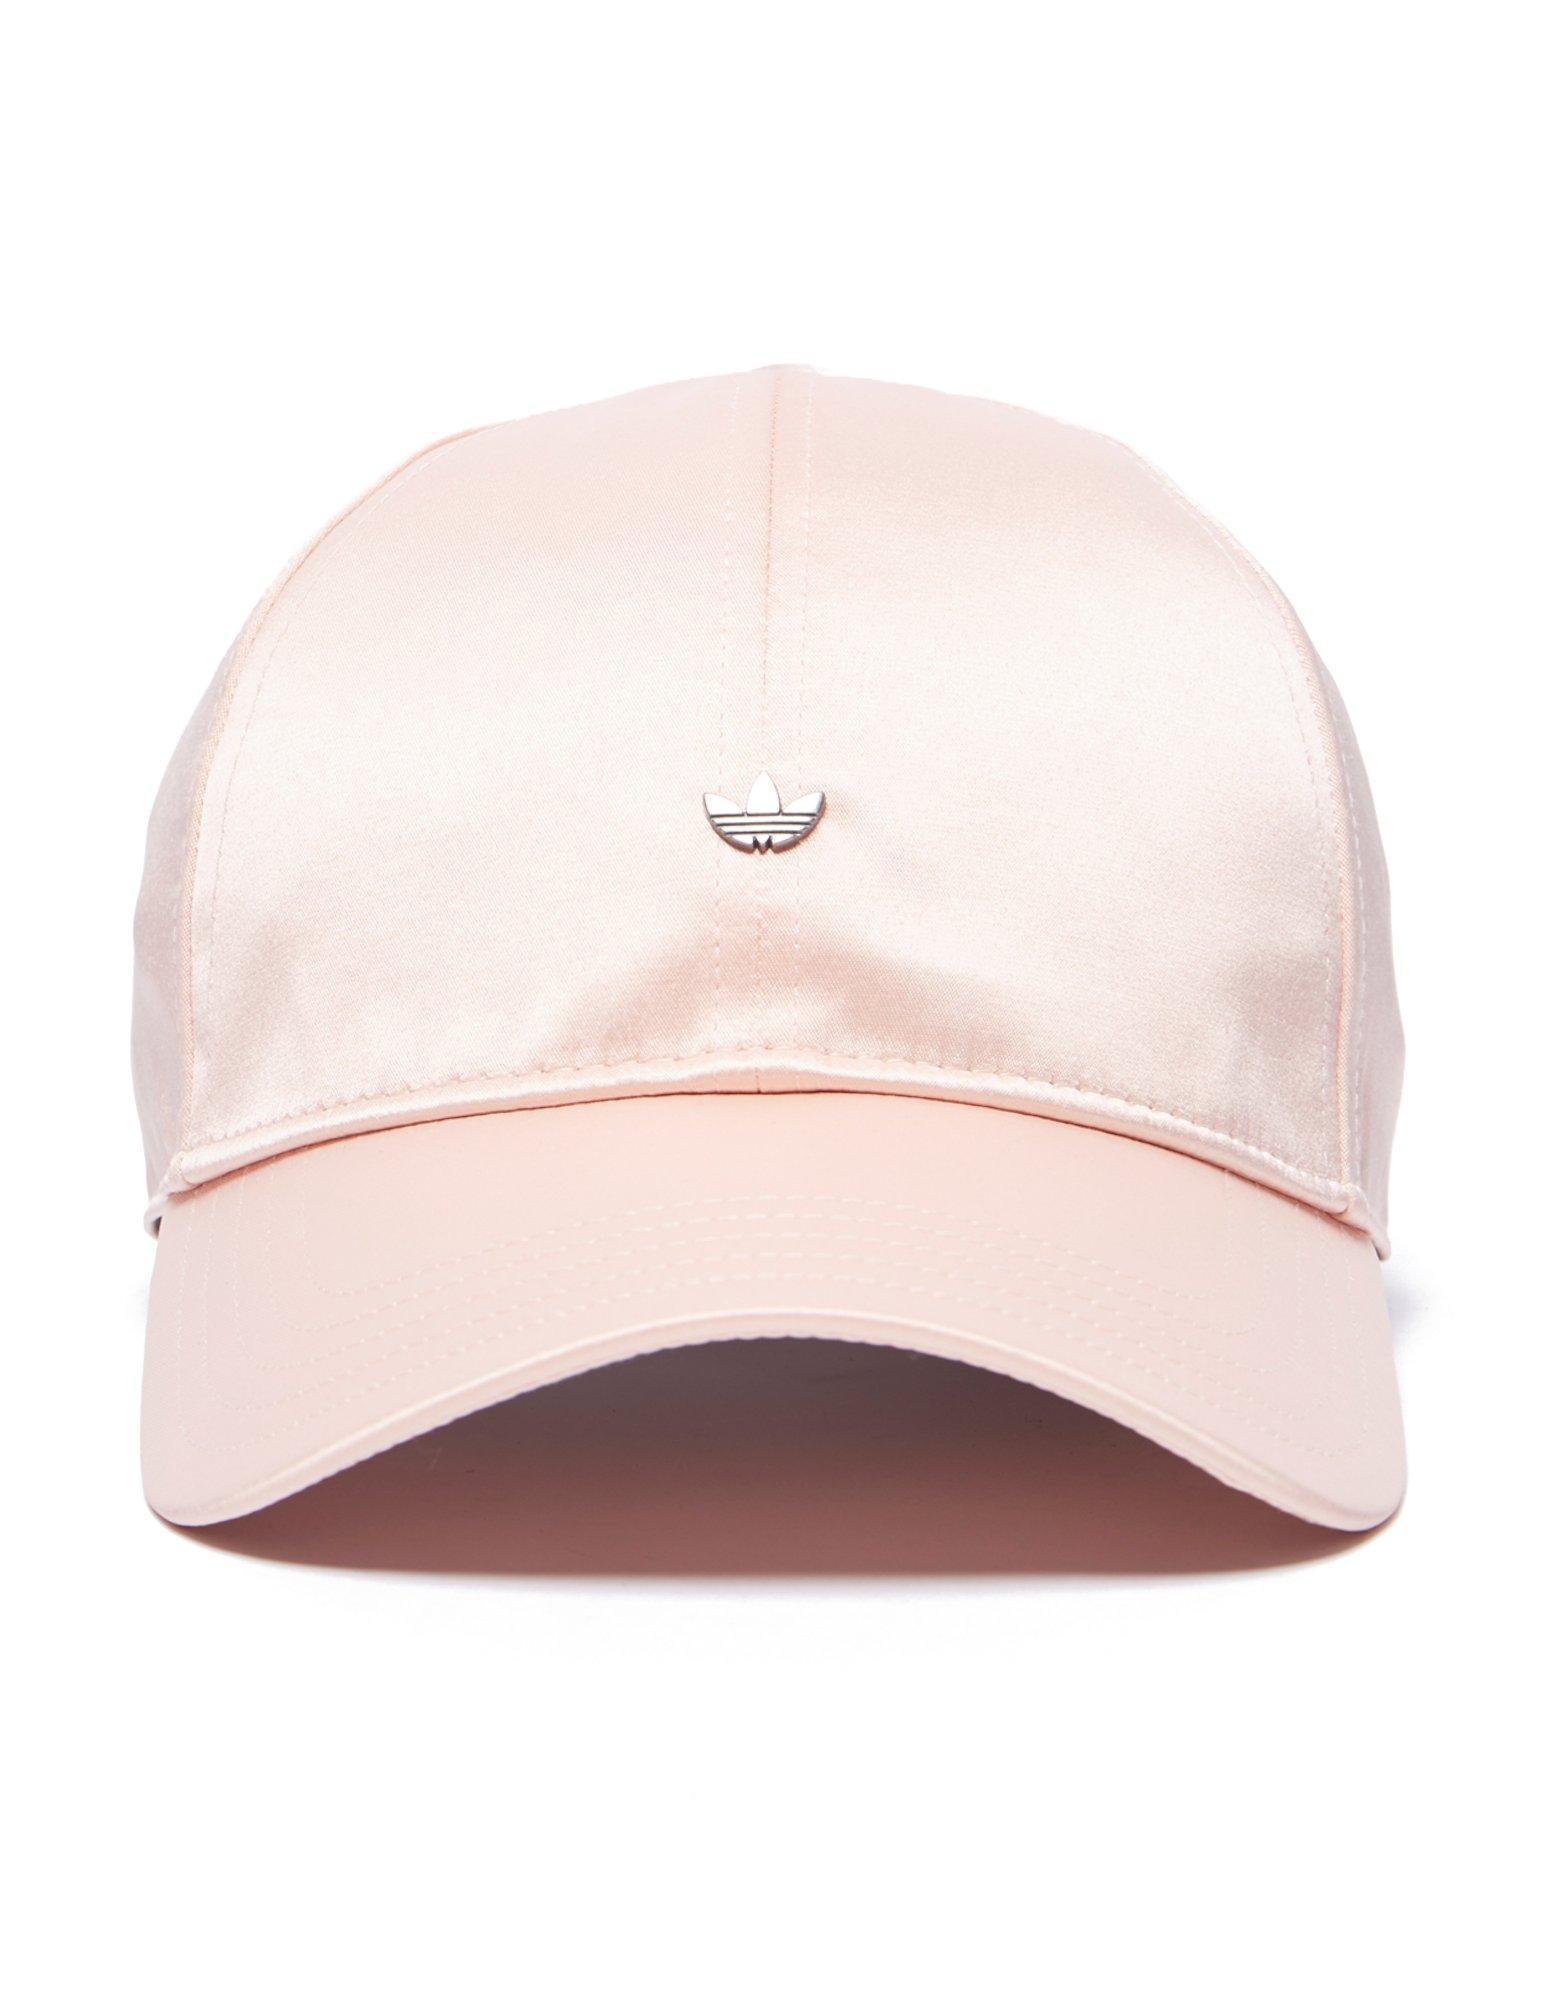 Lyst - adidas Originals Mini Metal Trefoil Cap in Pink 06c03d567d8d